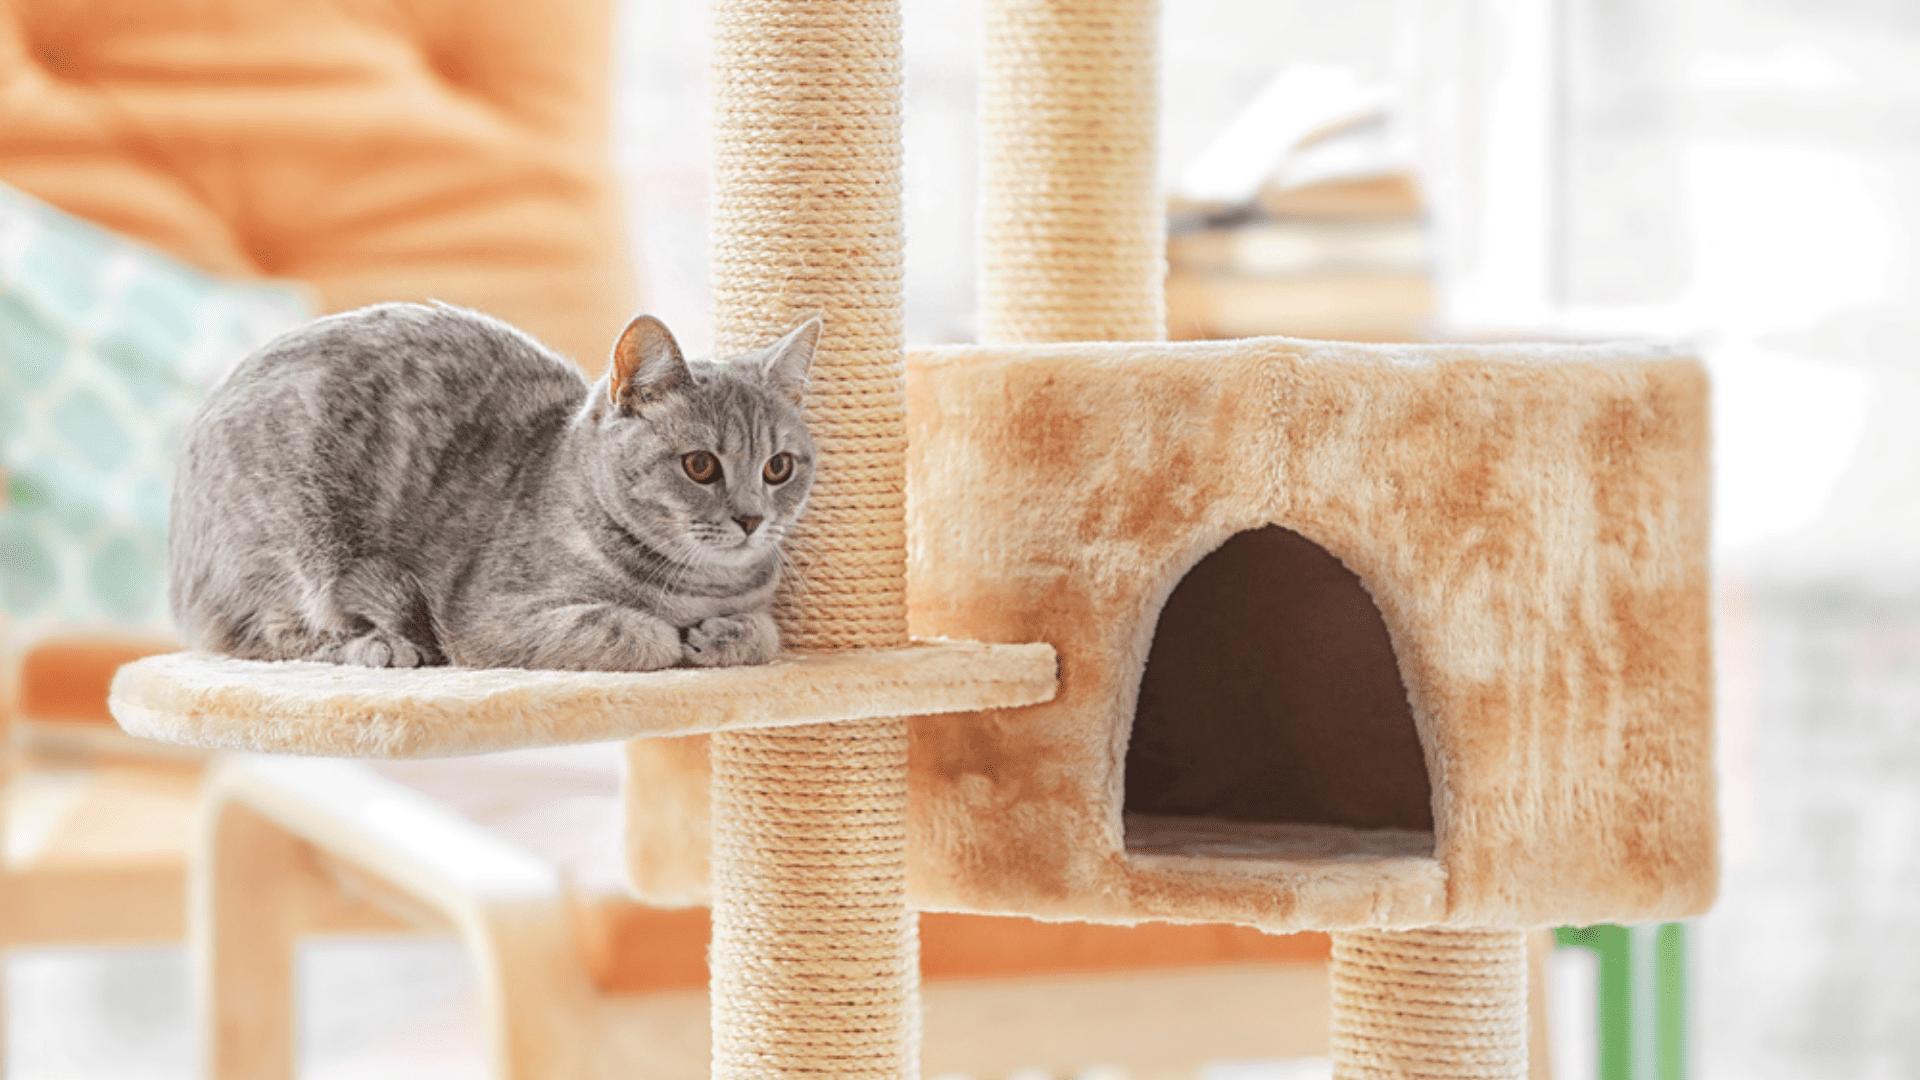 O arranhador para gato pode ser acoplado a um brinquedo interativo (Reprodução/Shutterstock)